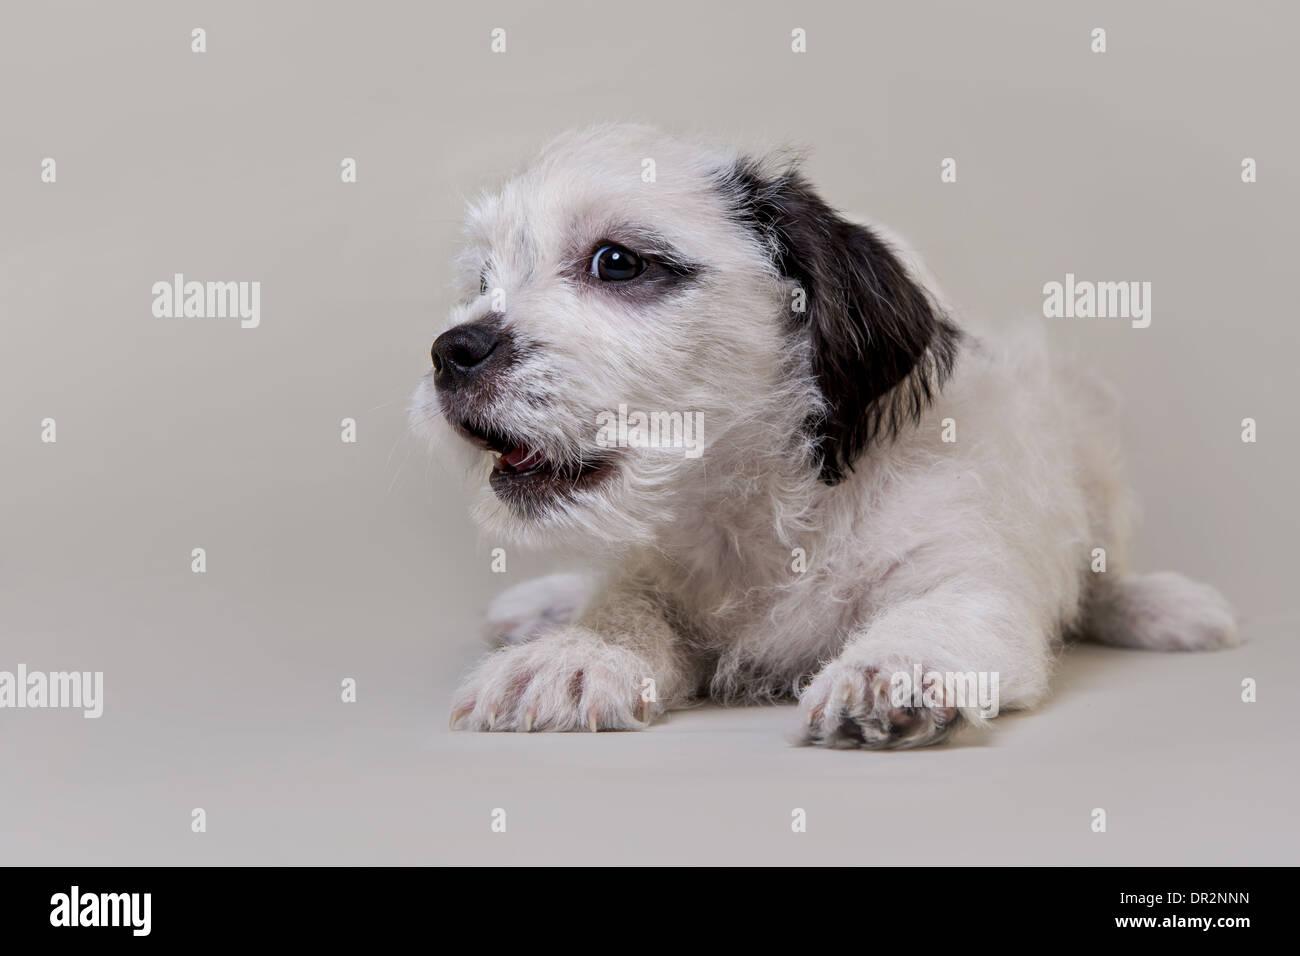 Felice cucciolo sorridente sul grigio chiaro studio sullo sfondo. Immagini Stock